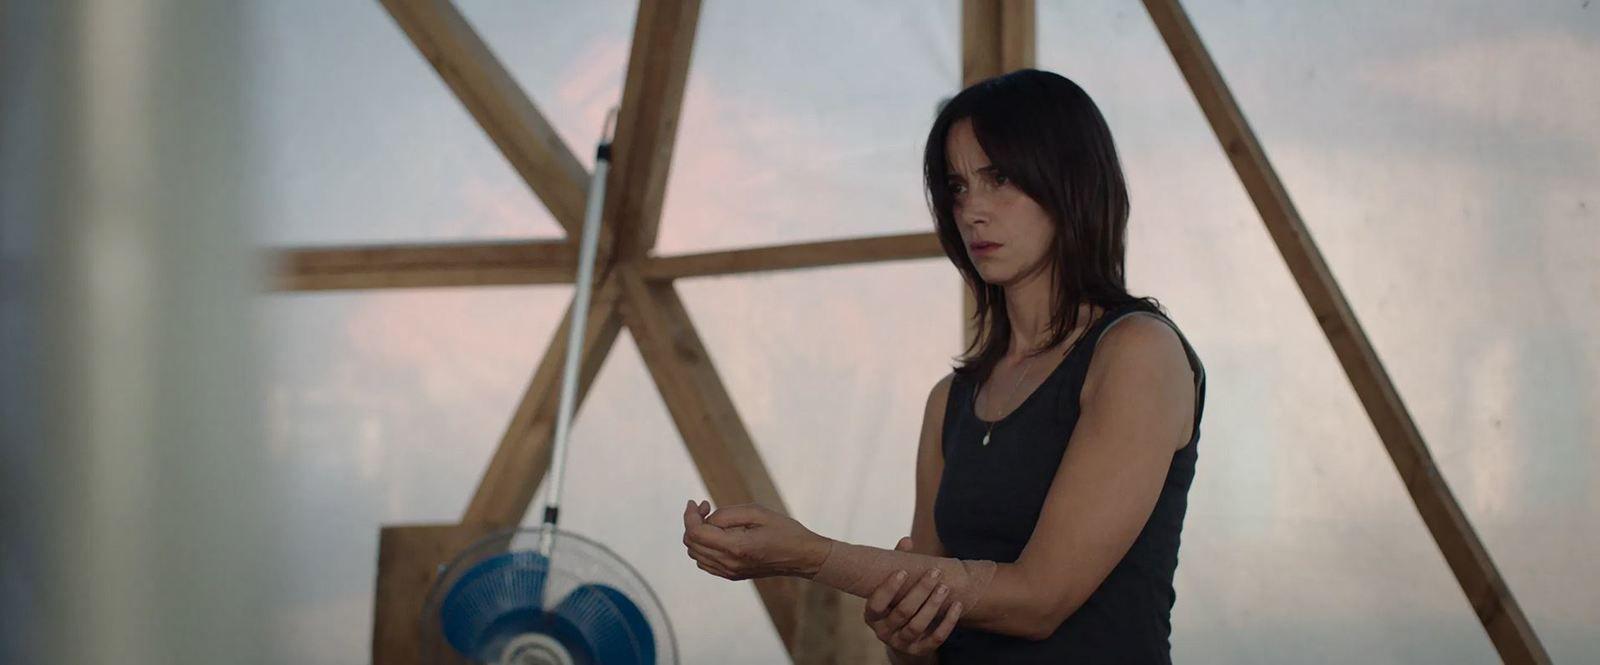 La nuée (BANDE-ANNONCE) avec Suliane Brahim, Nathalie Boyer, Sofian Khammes - Le 4 novembre 2020 au cinéma